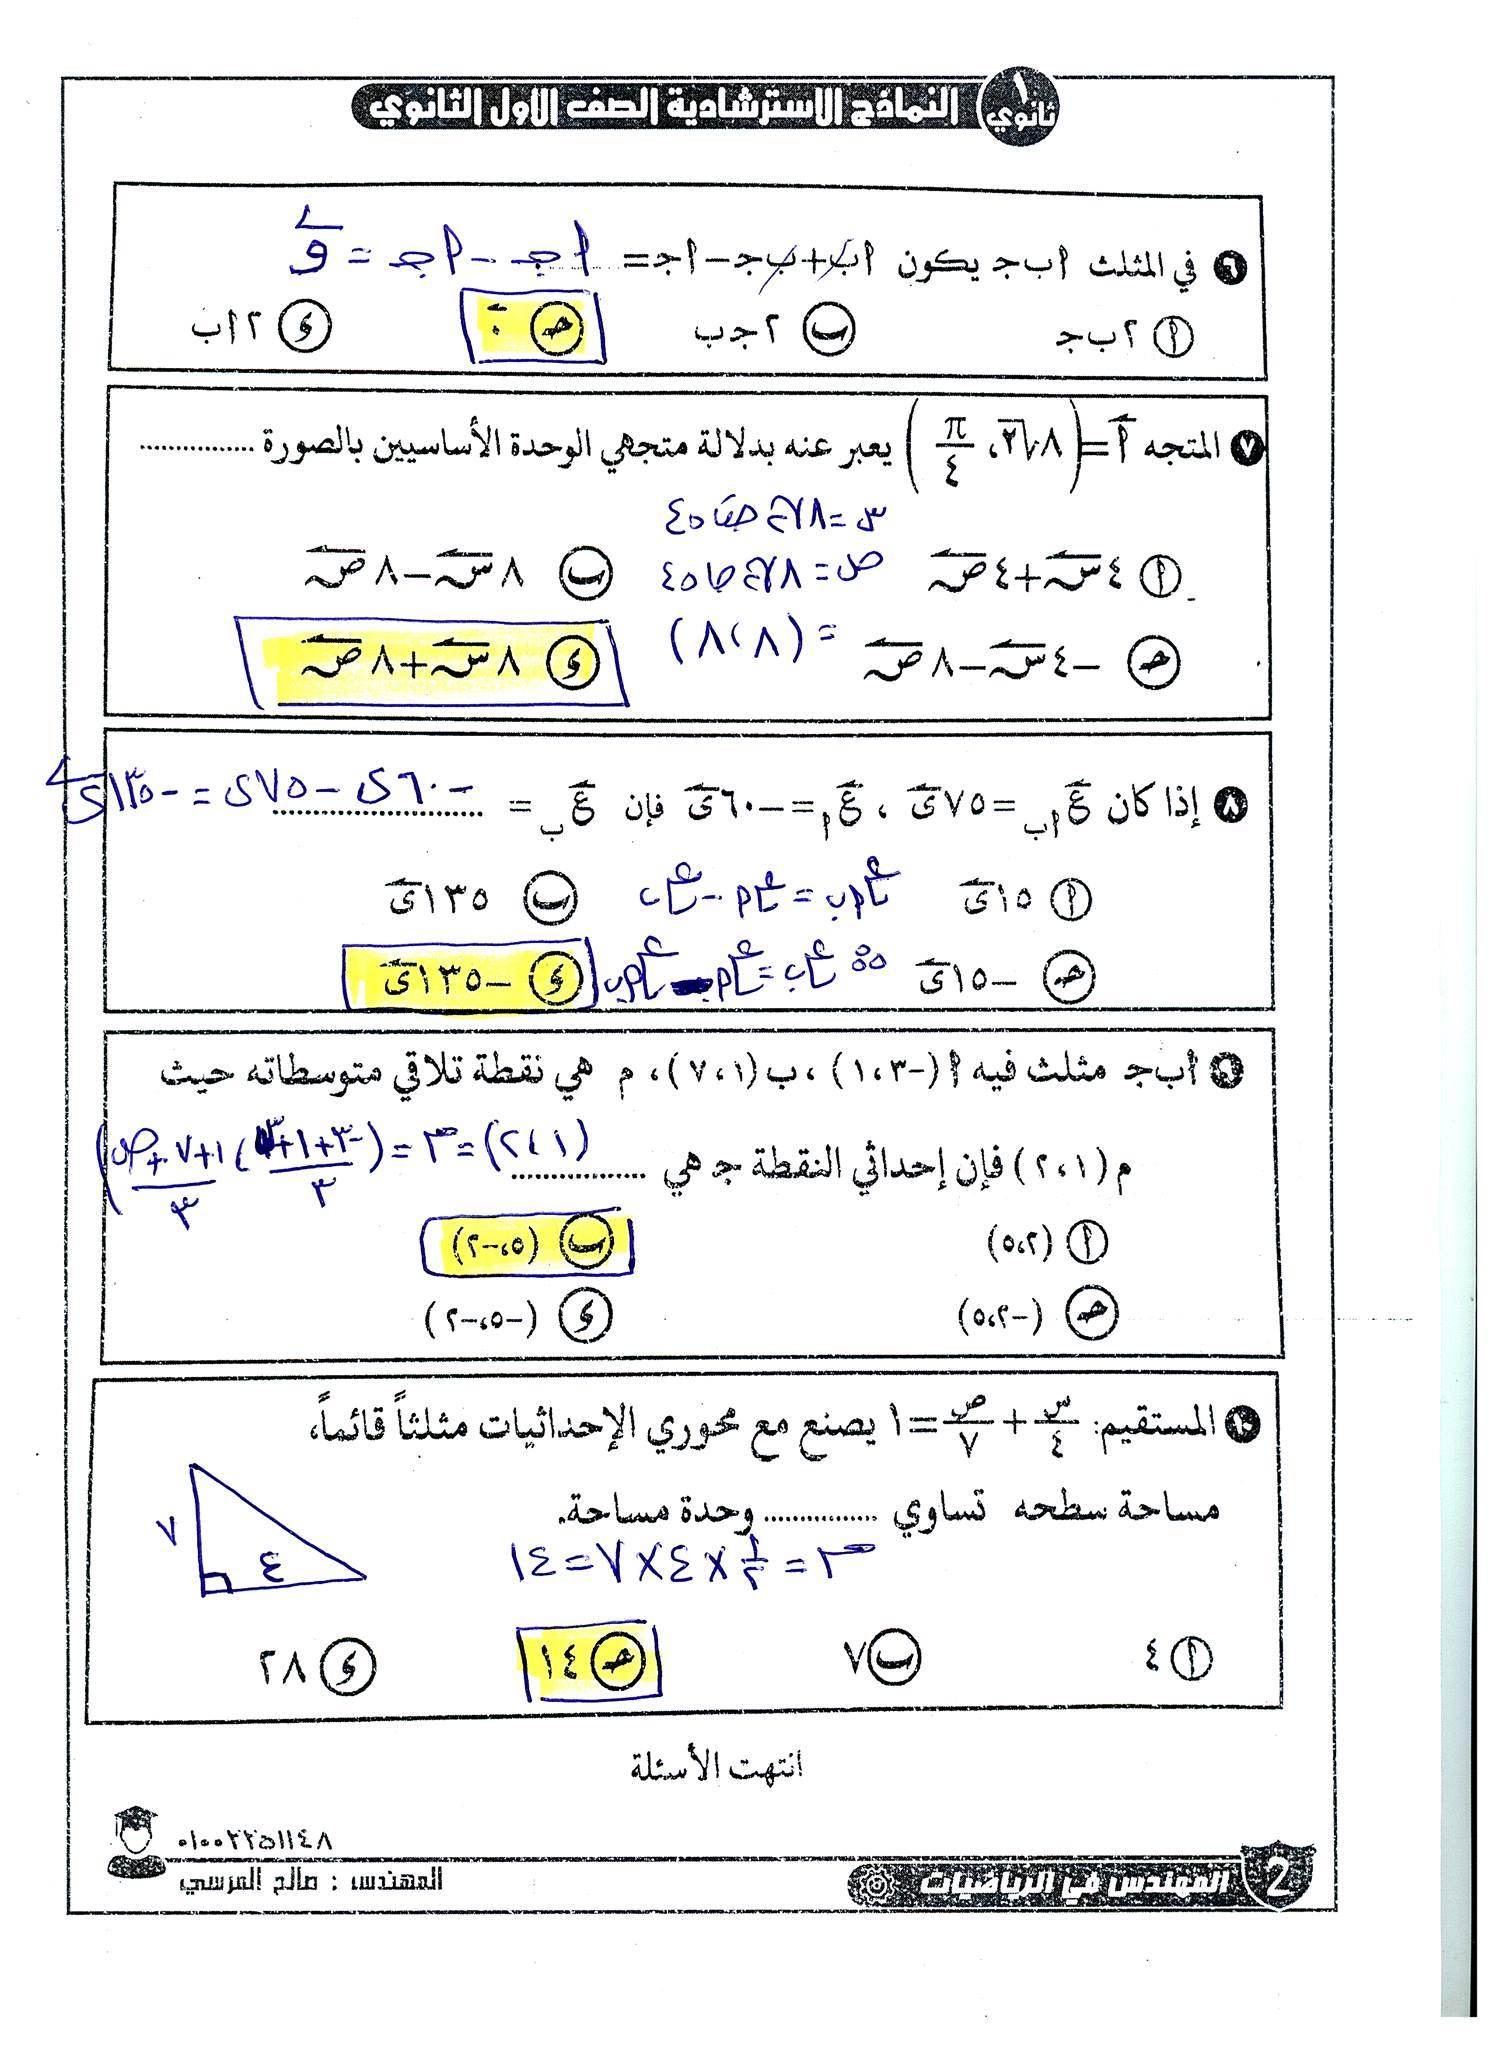 مراجعة ليلة الامتحان رياضيات للصف الأول الثانوي ترم ثاني.. ملخص كامل متكامل للقوانين و حل النماذج الاسترشادية 8